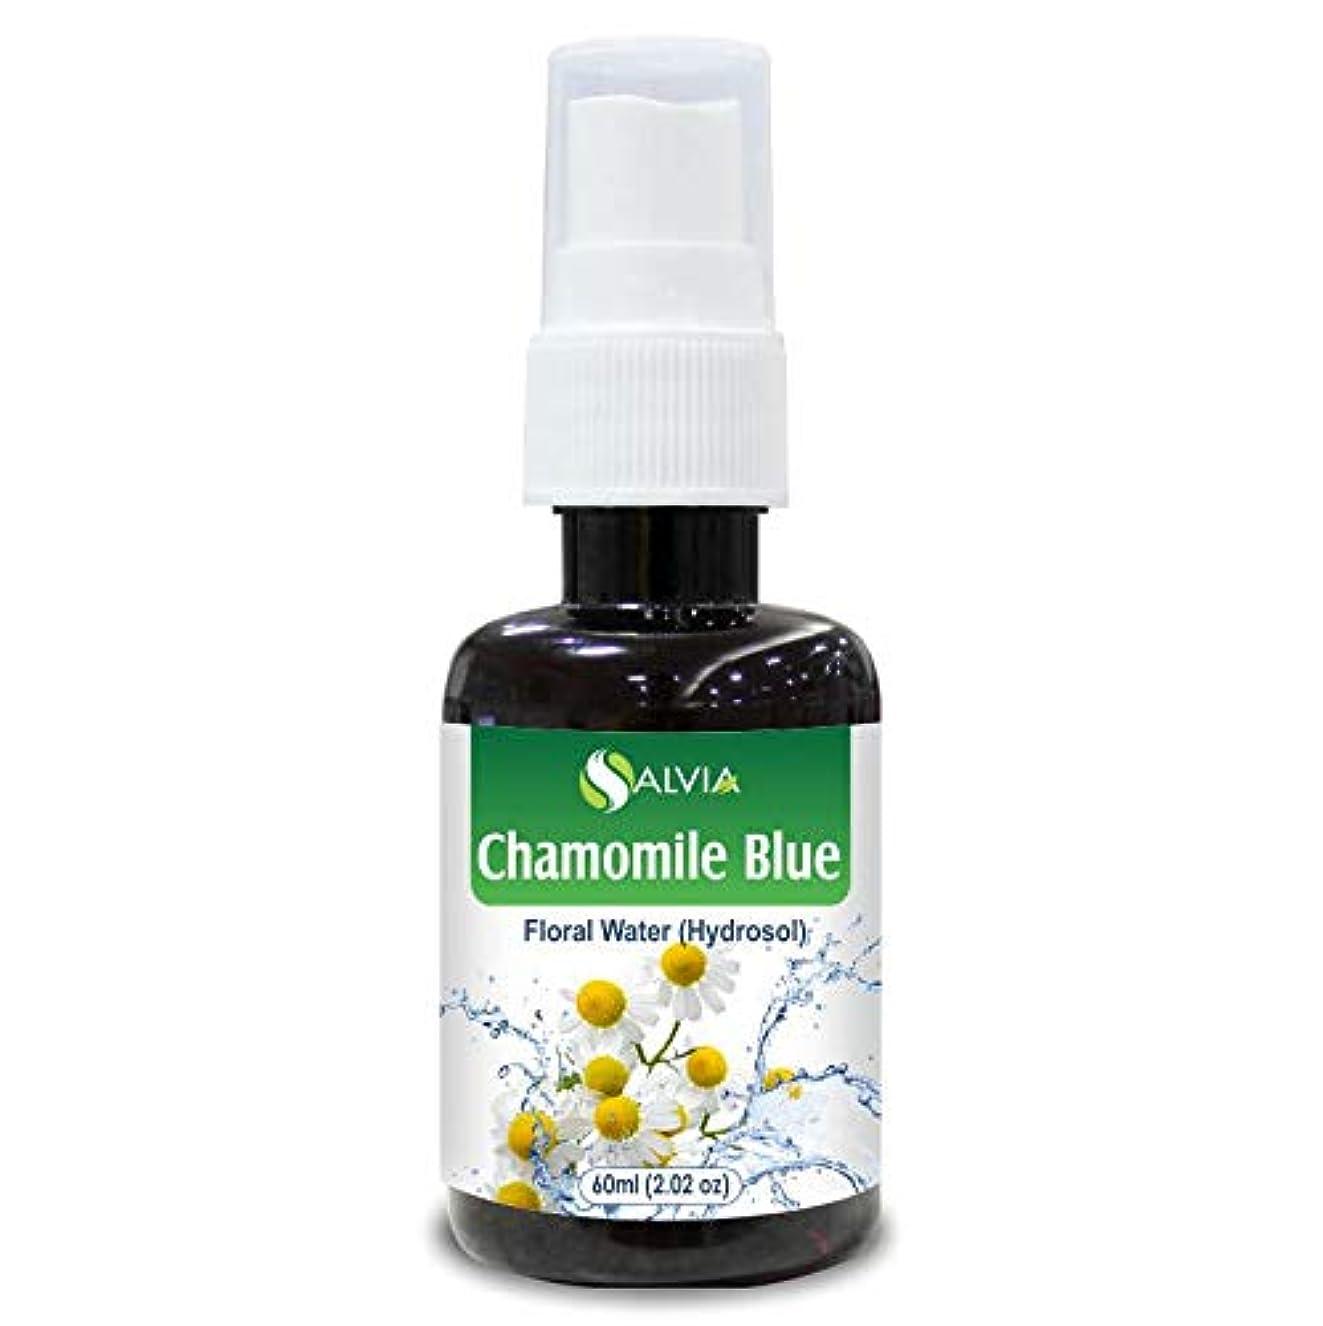 素晴らしき強い現実にはChamomile Oil, Blue Floral Water 60ml (Hydrosol) 100% Pure And Natural